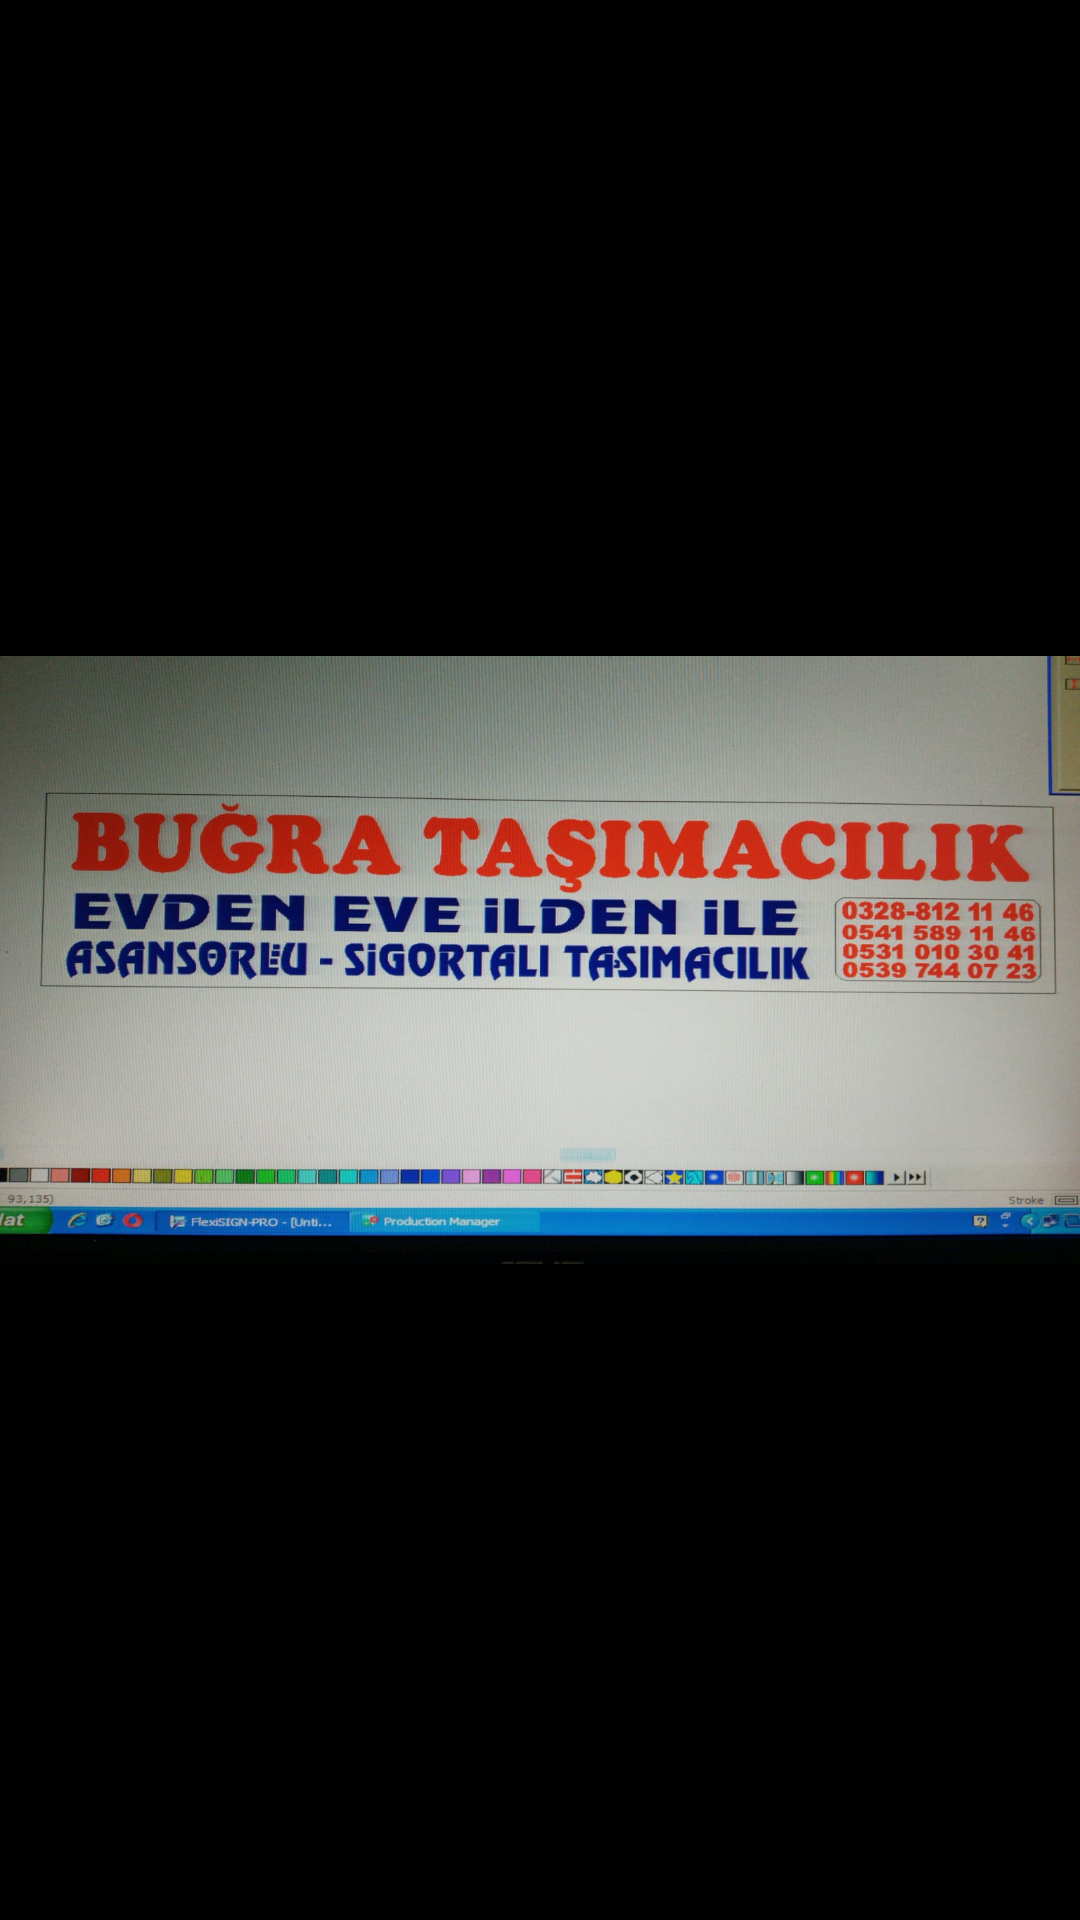 Buğra taşımacılık osmaniye  Evden eve nakliye firması